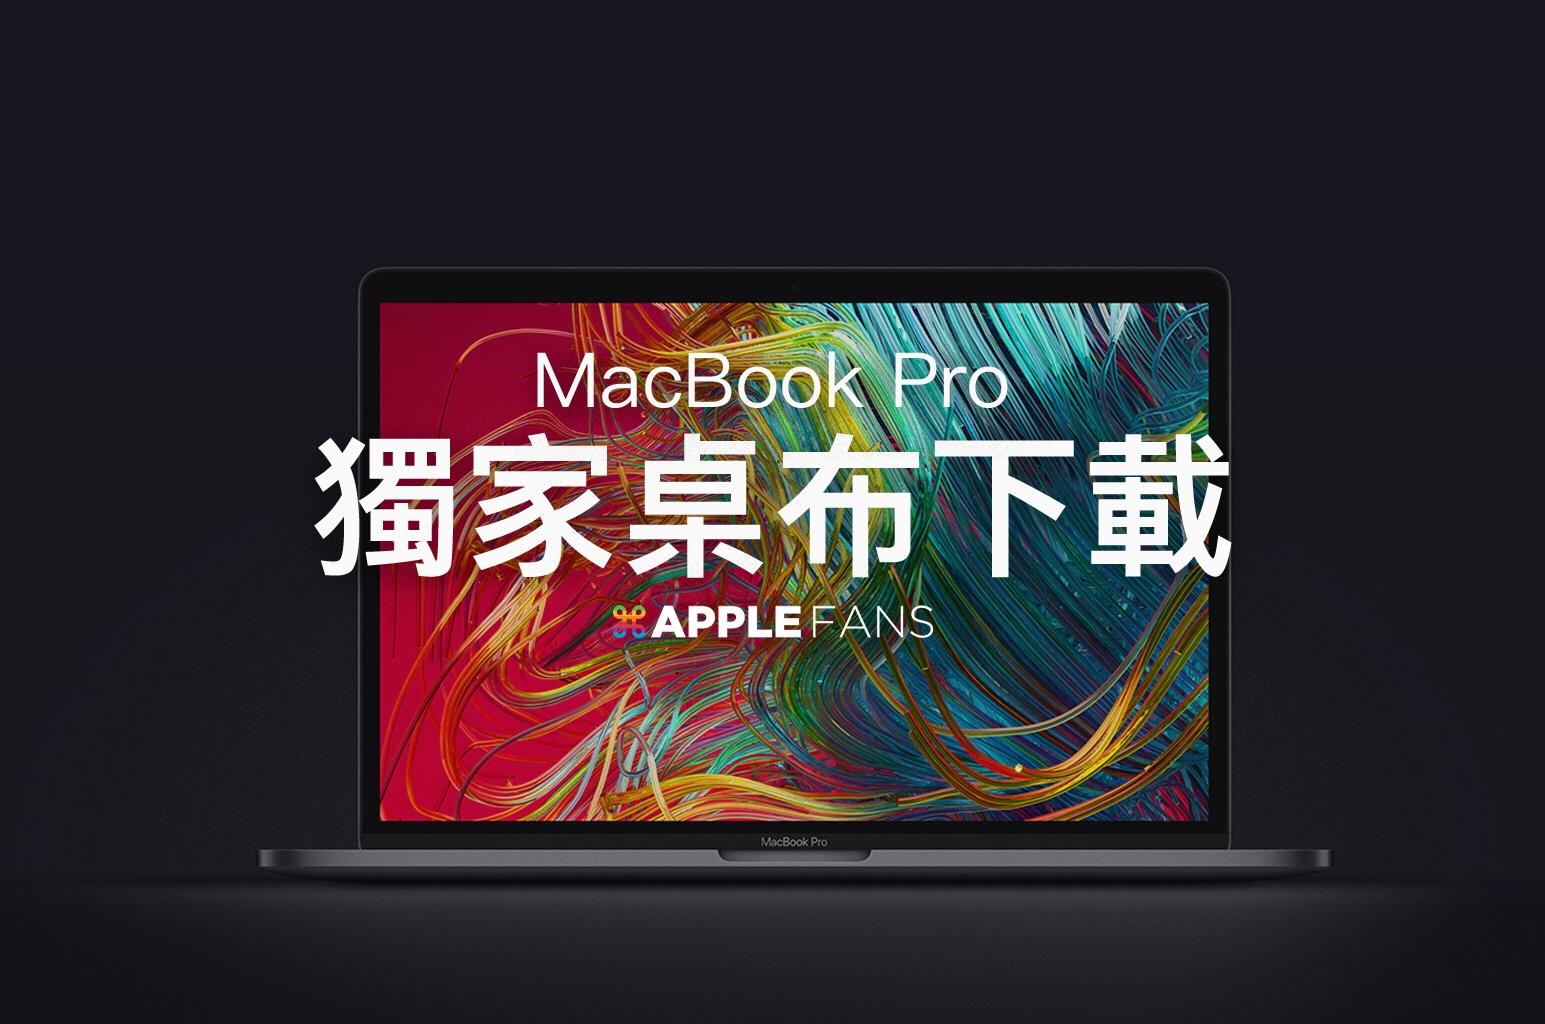 autocad 2019 mac 中文 版